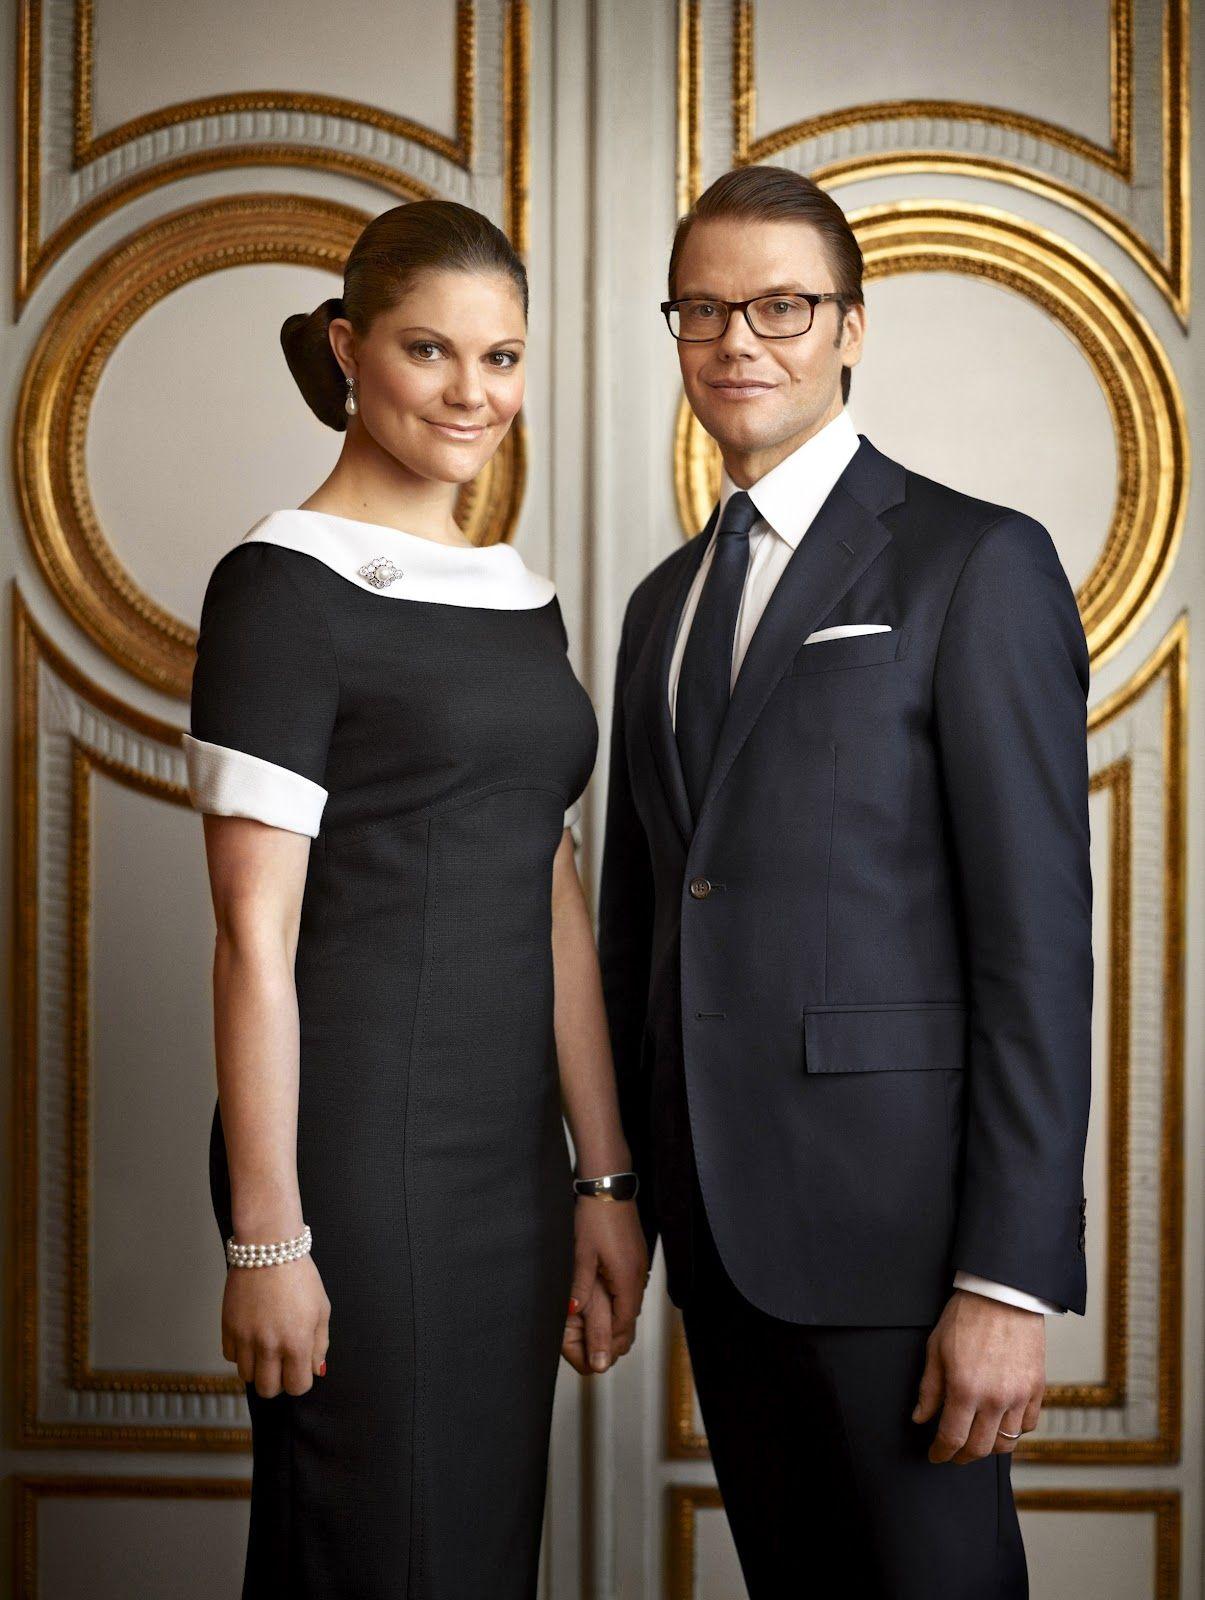 Scandinavian Royals Swedish Royal Family Prinzessin Victoria Von Schweden Schwedisches Konigshaus Victoria Von Schweden